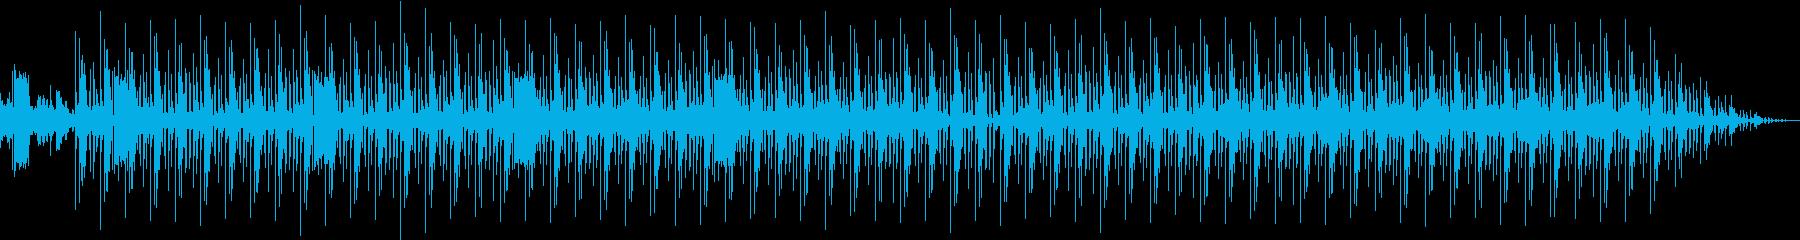 日本の和とR&B調リズムが合わさった楽曲の再生済みの波形